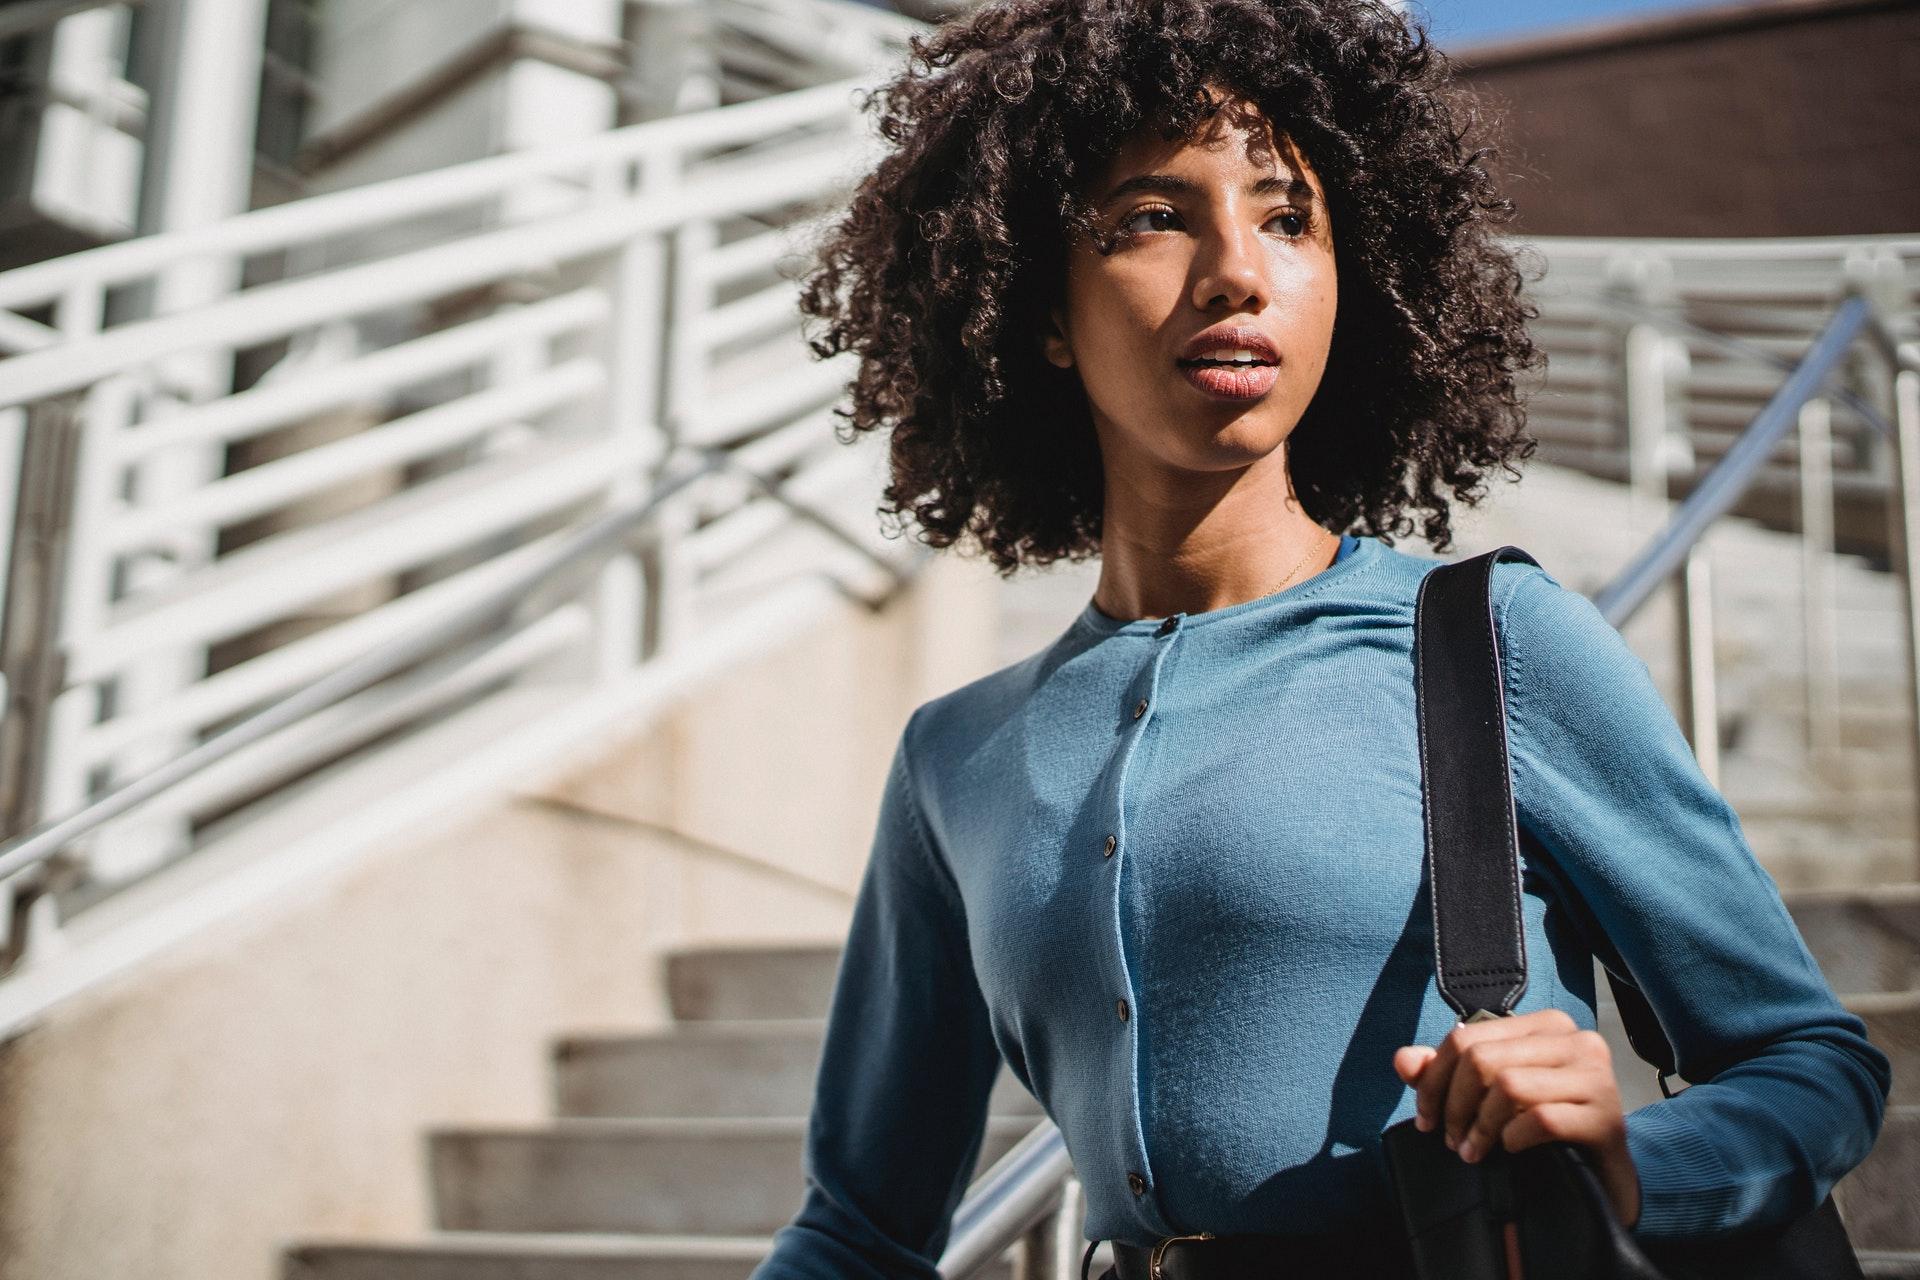 Don't let me deceive you | Content Marketing Blog